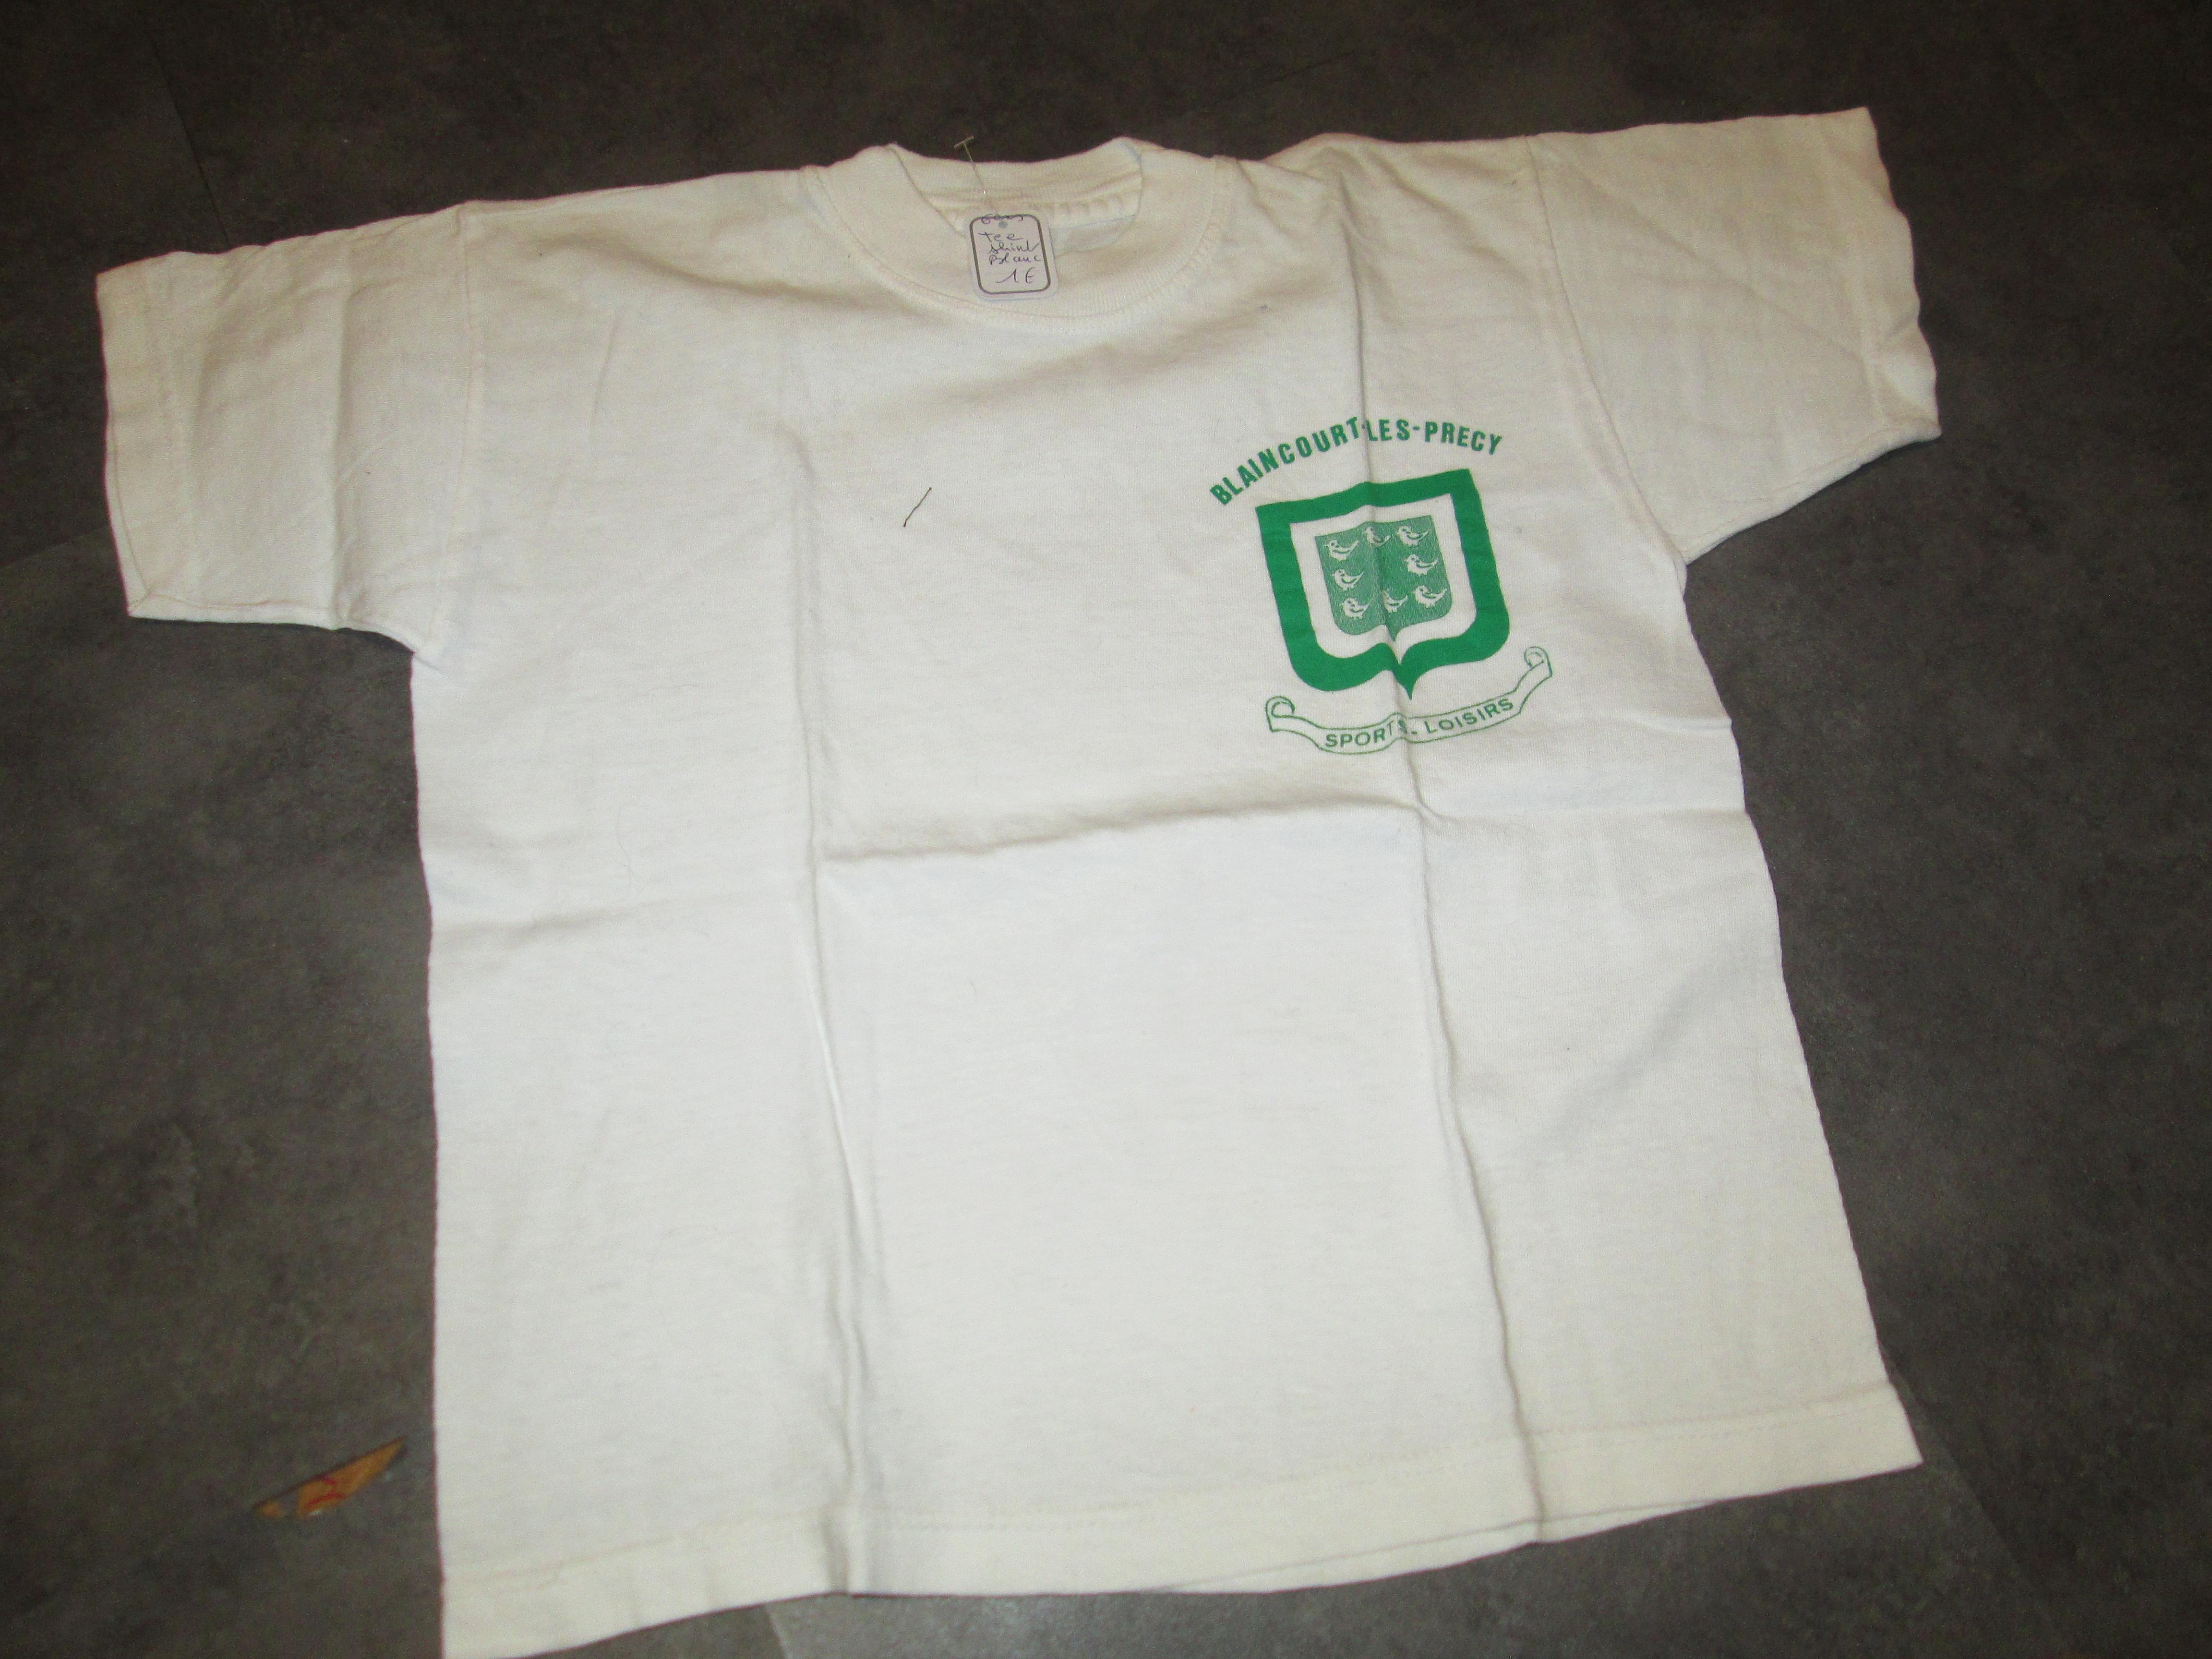 troc de troc tee shirt blanc 6 ans  2  noisettes image 0